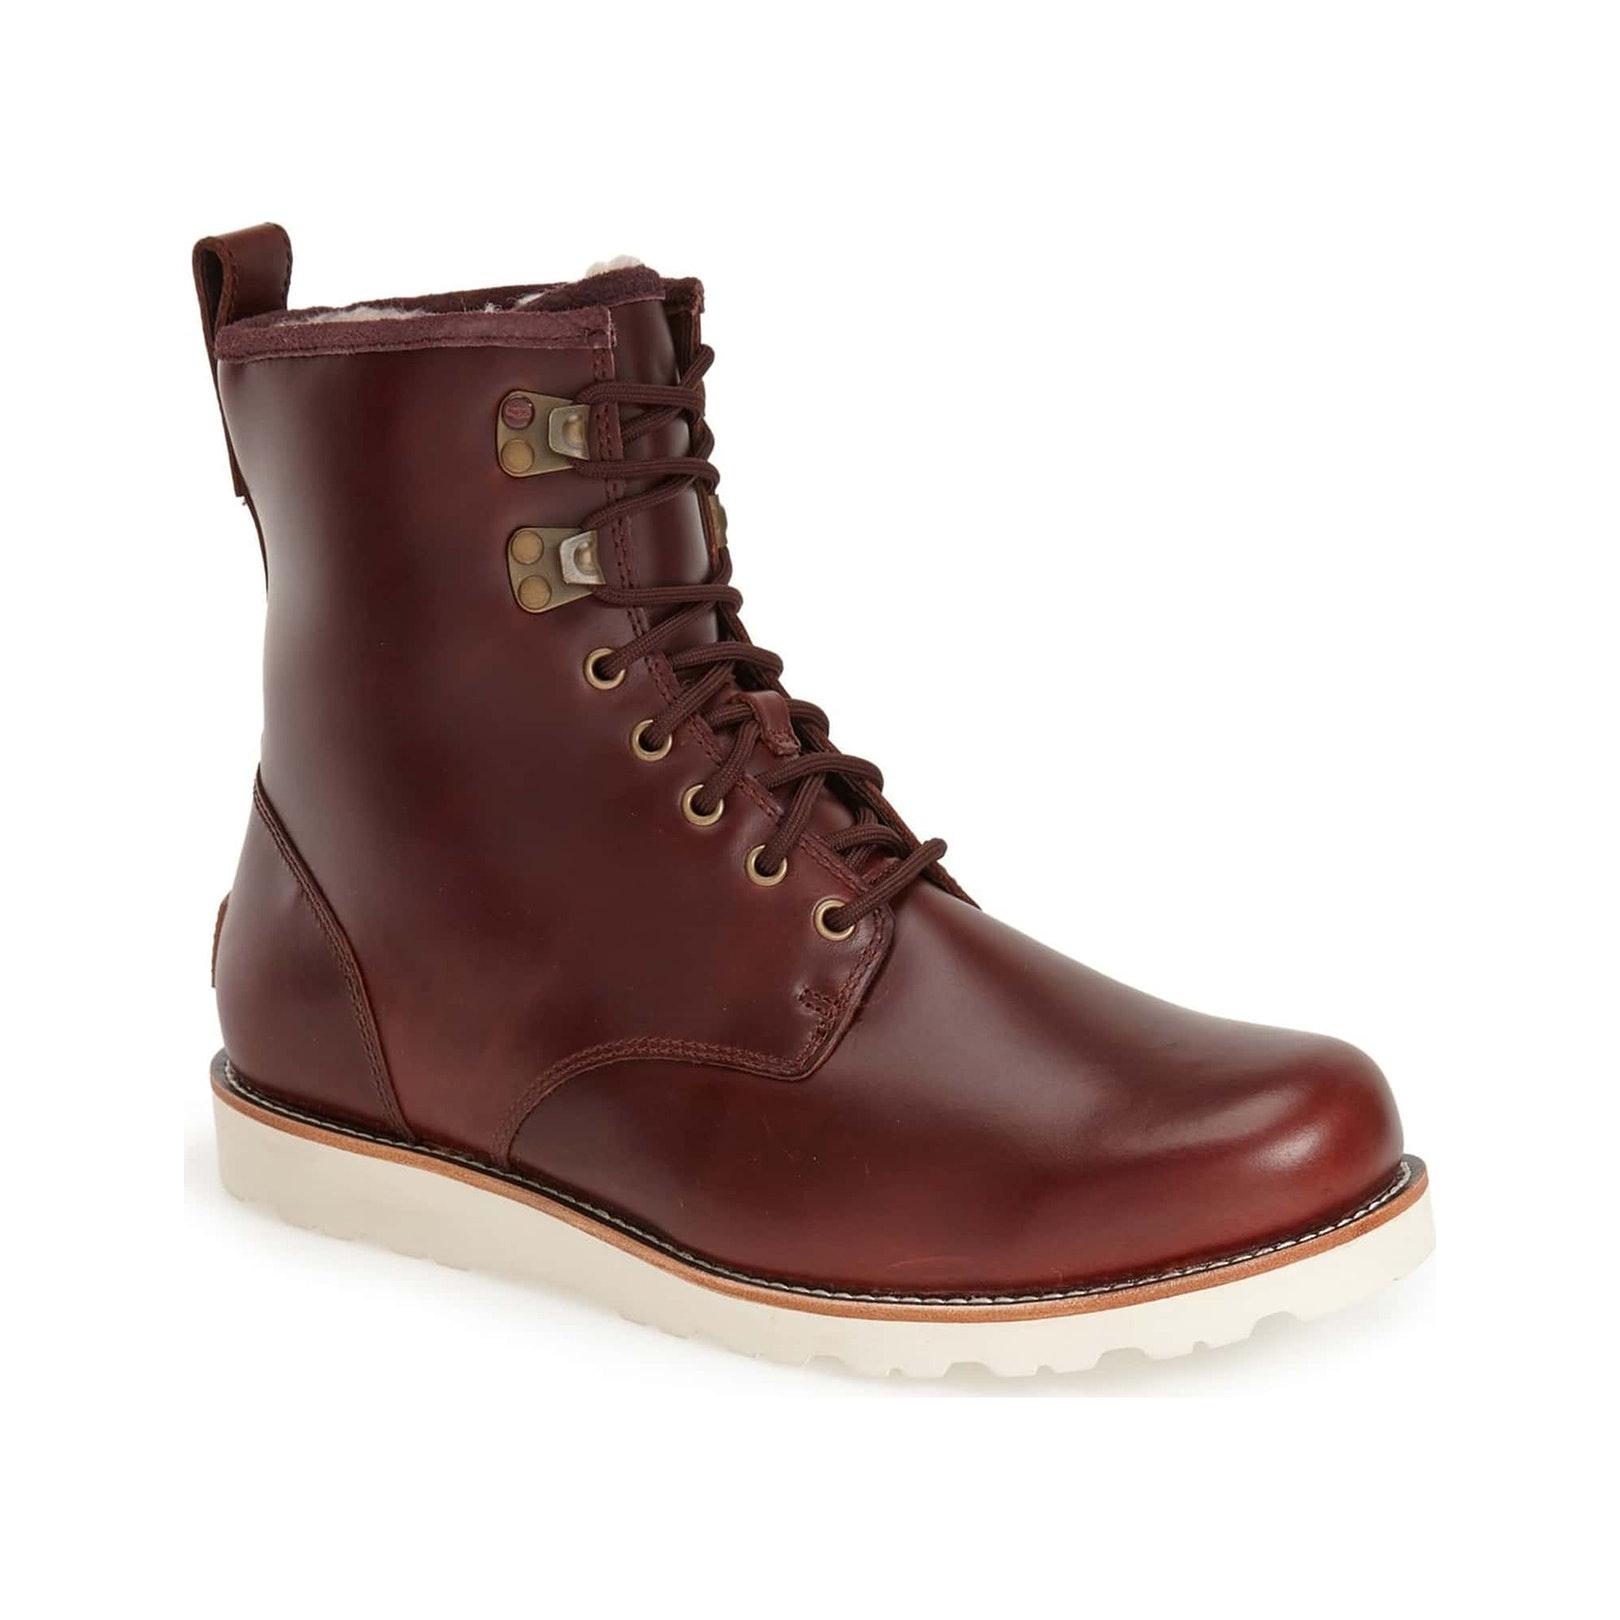 UGG Hannen Waterproof Boot%2C %24230